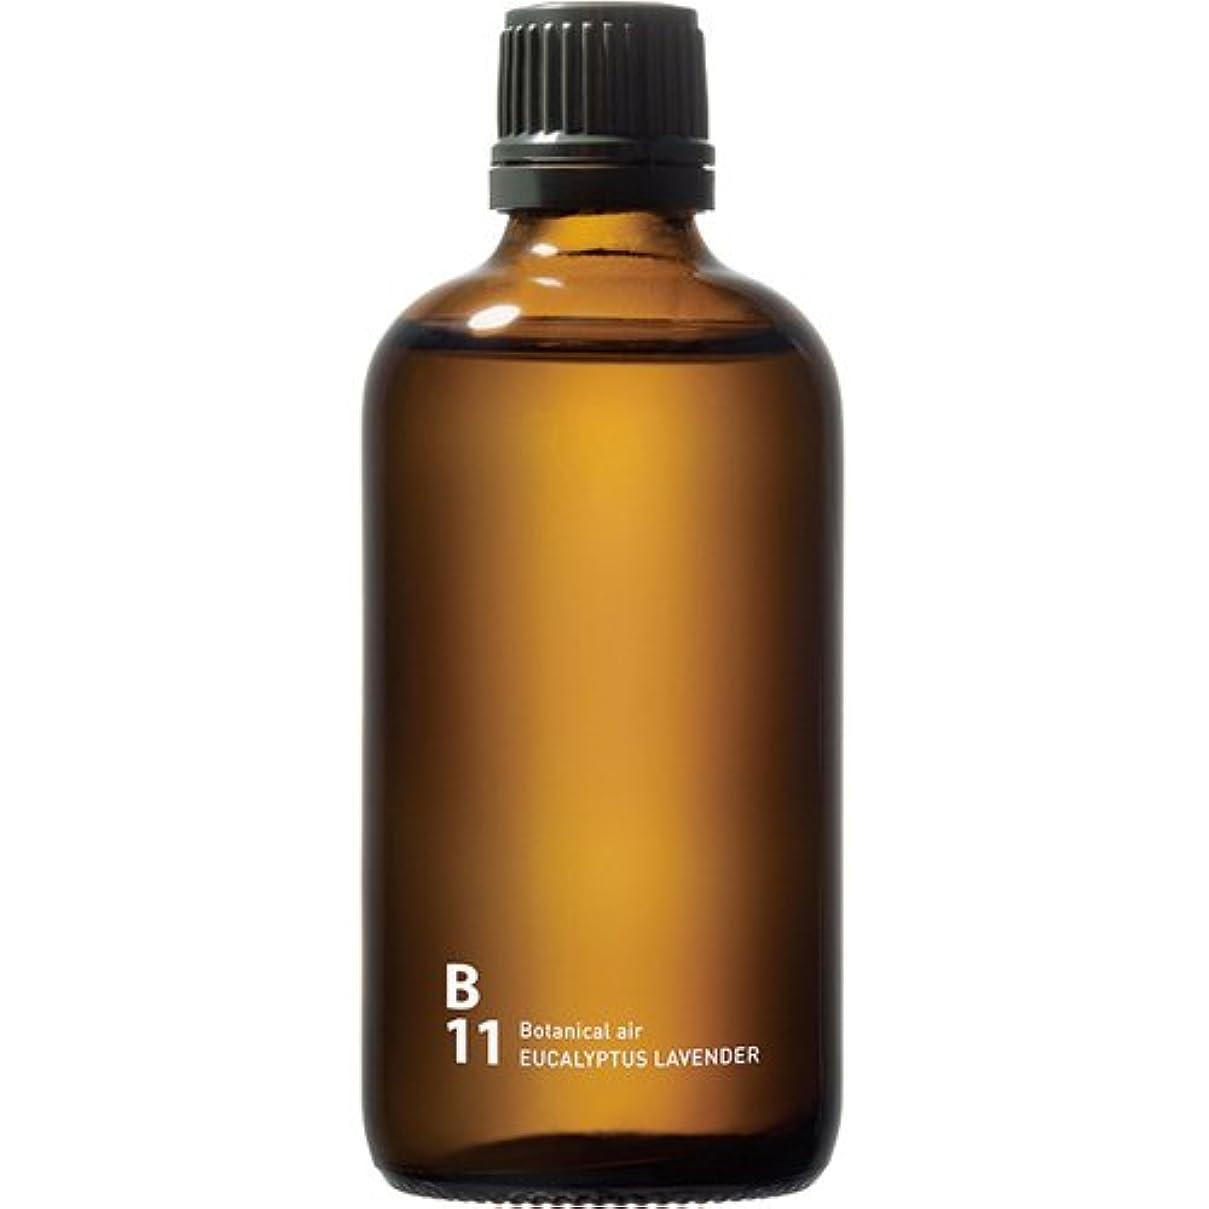 協定信じられない多様なB11 EUCALYPTUS LAVENDER piezo aroma oil 100ml